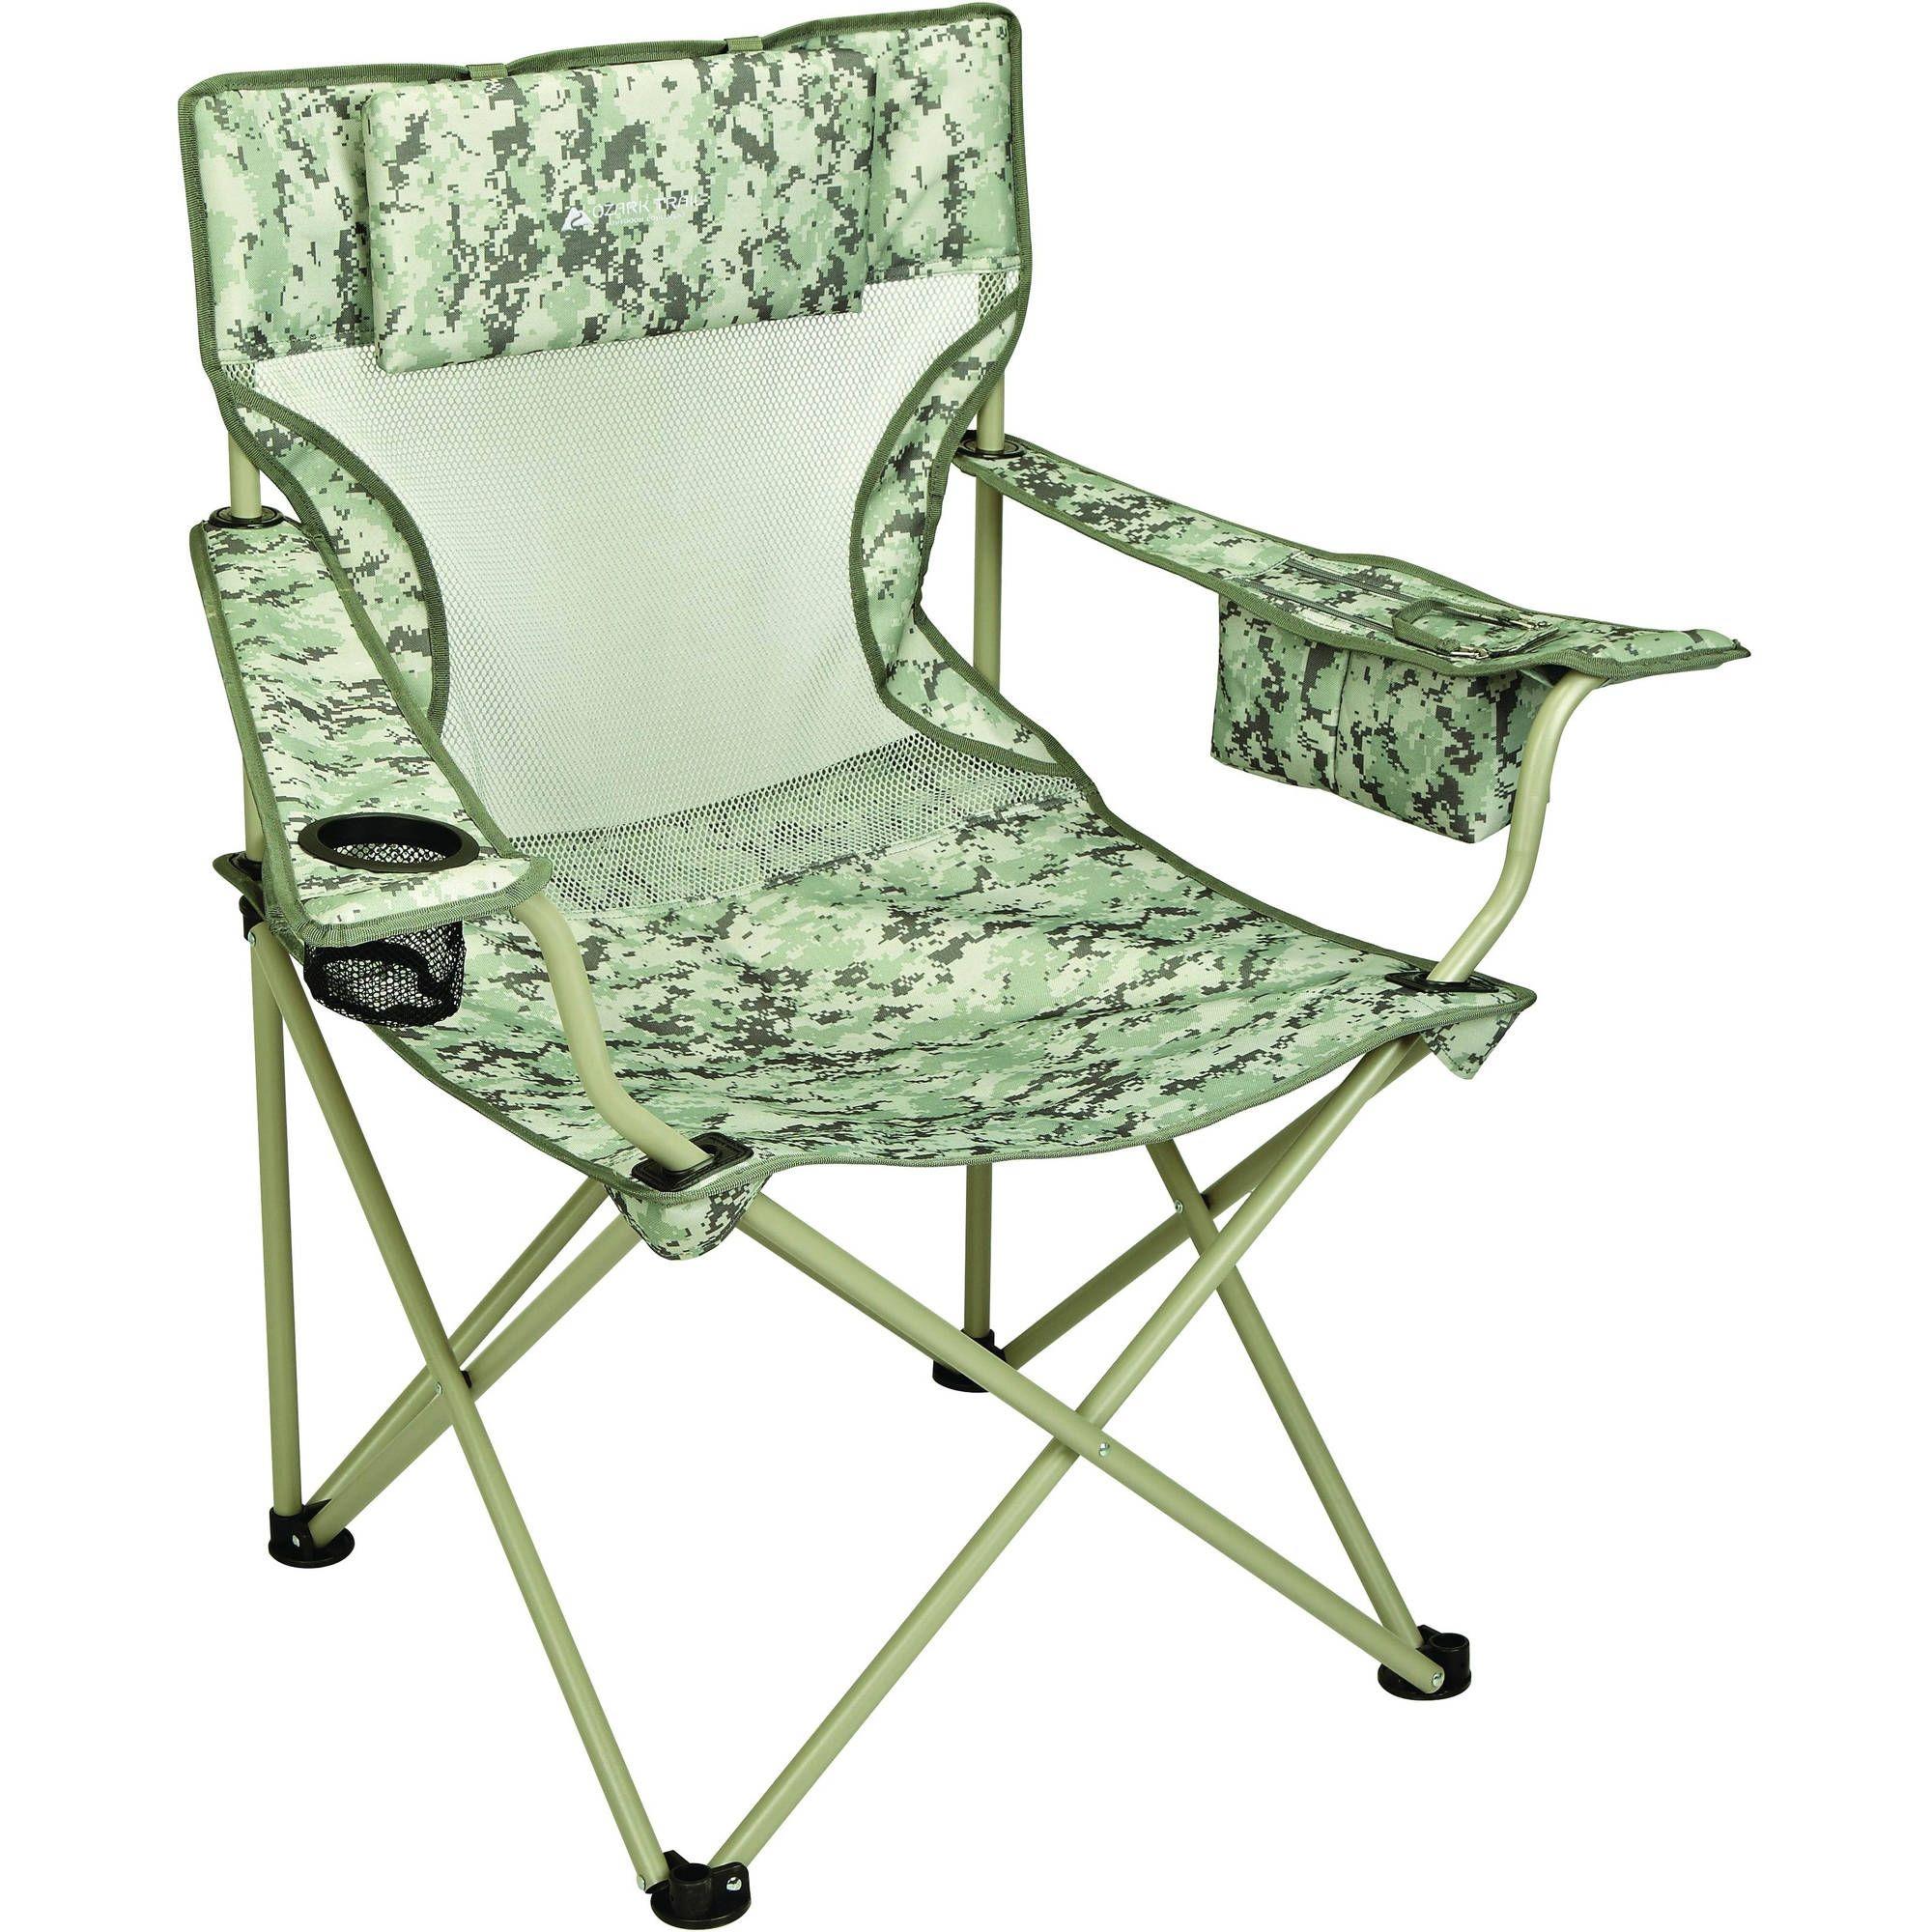 Big Tall Folding Lawn Chair